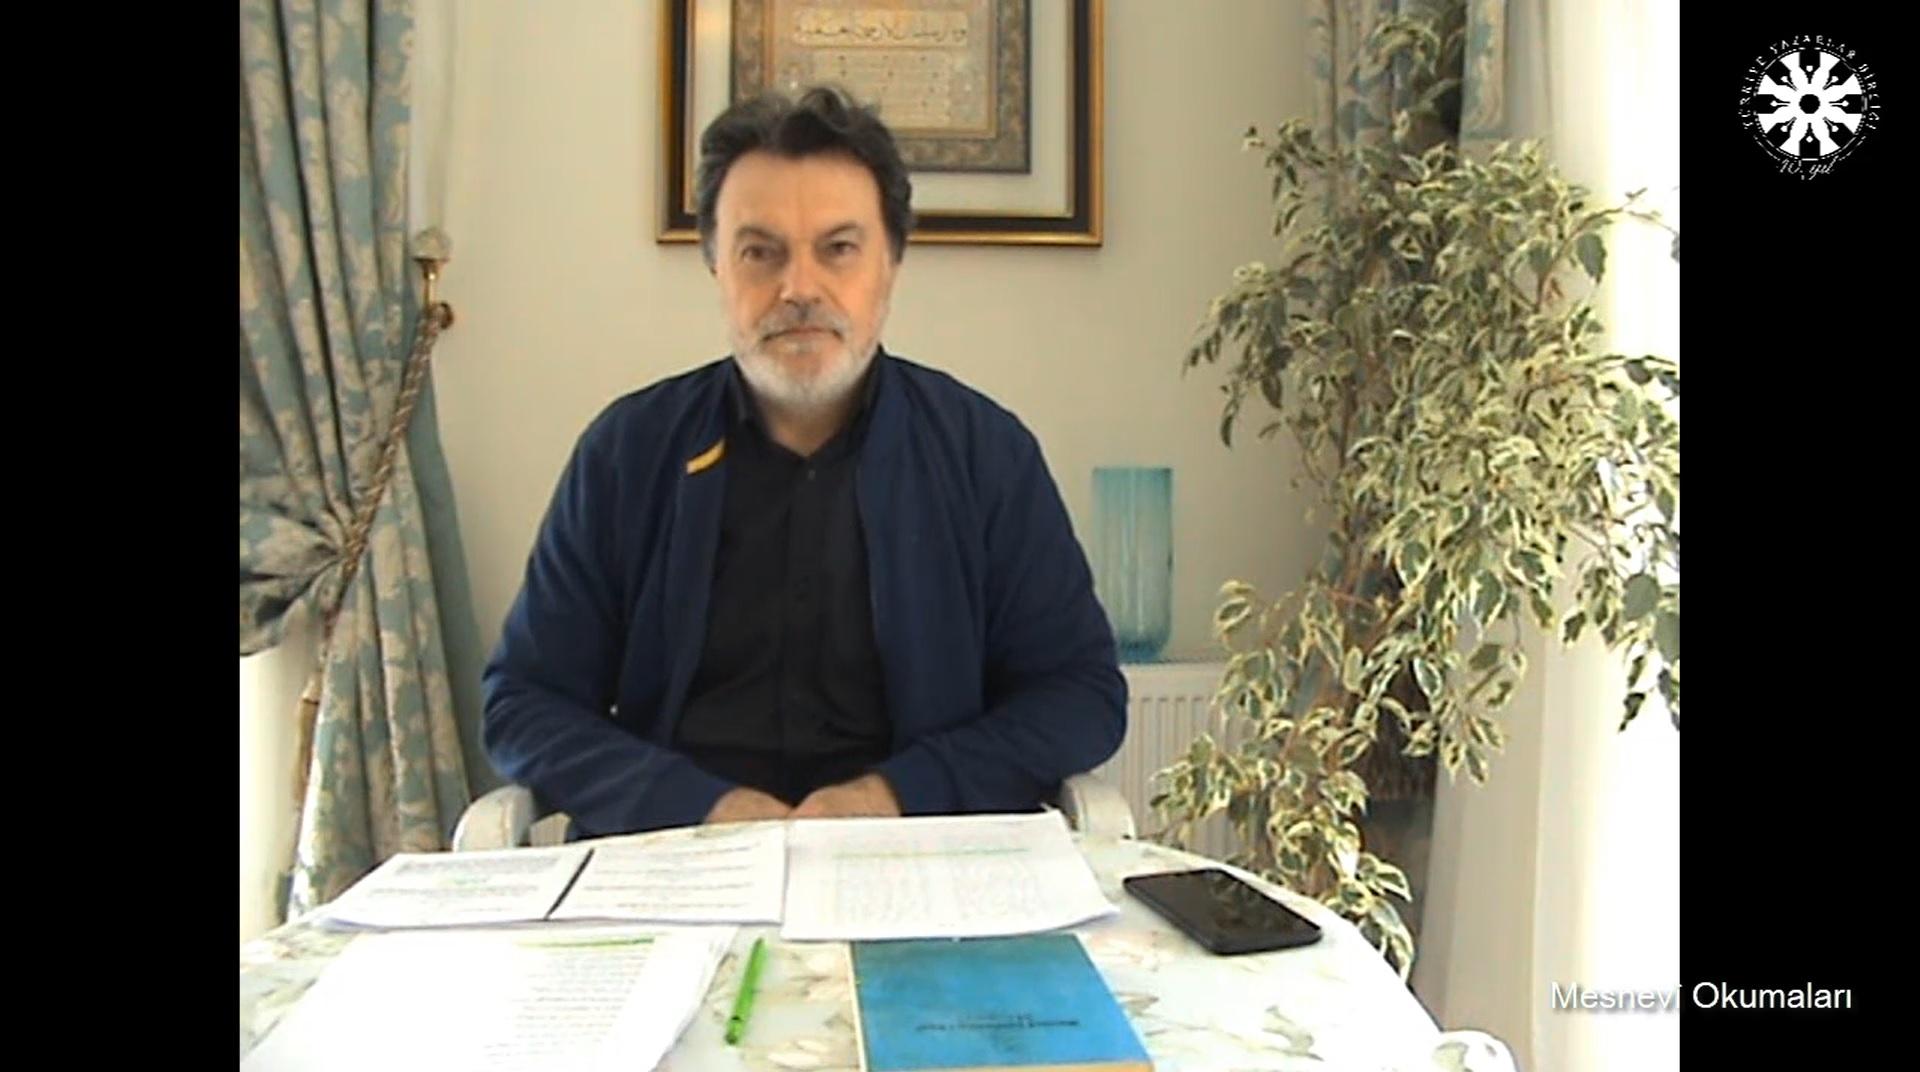 Mesnevî Okumaları -95- Prof. Dr. Hicabi Kırlangıç